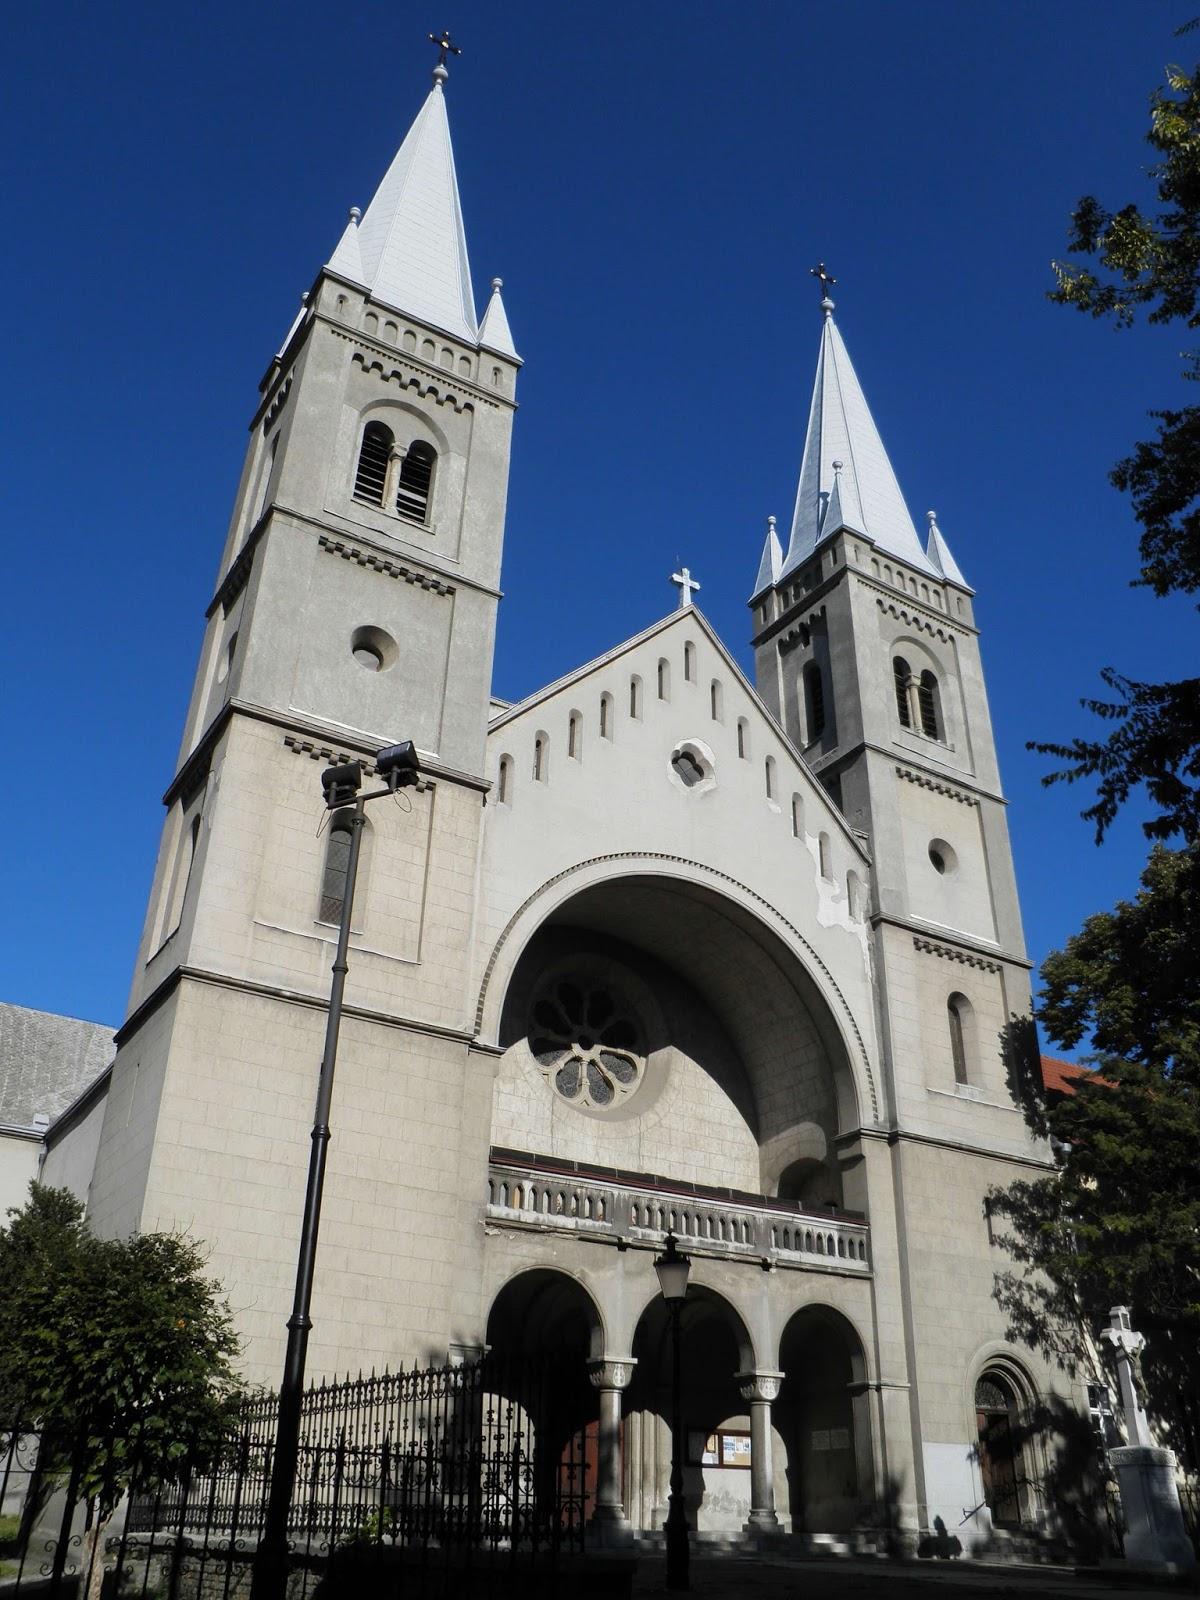 Францисканская церковь Суботица